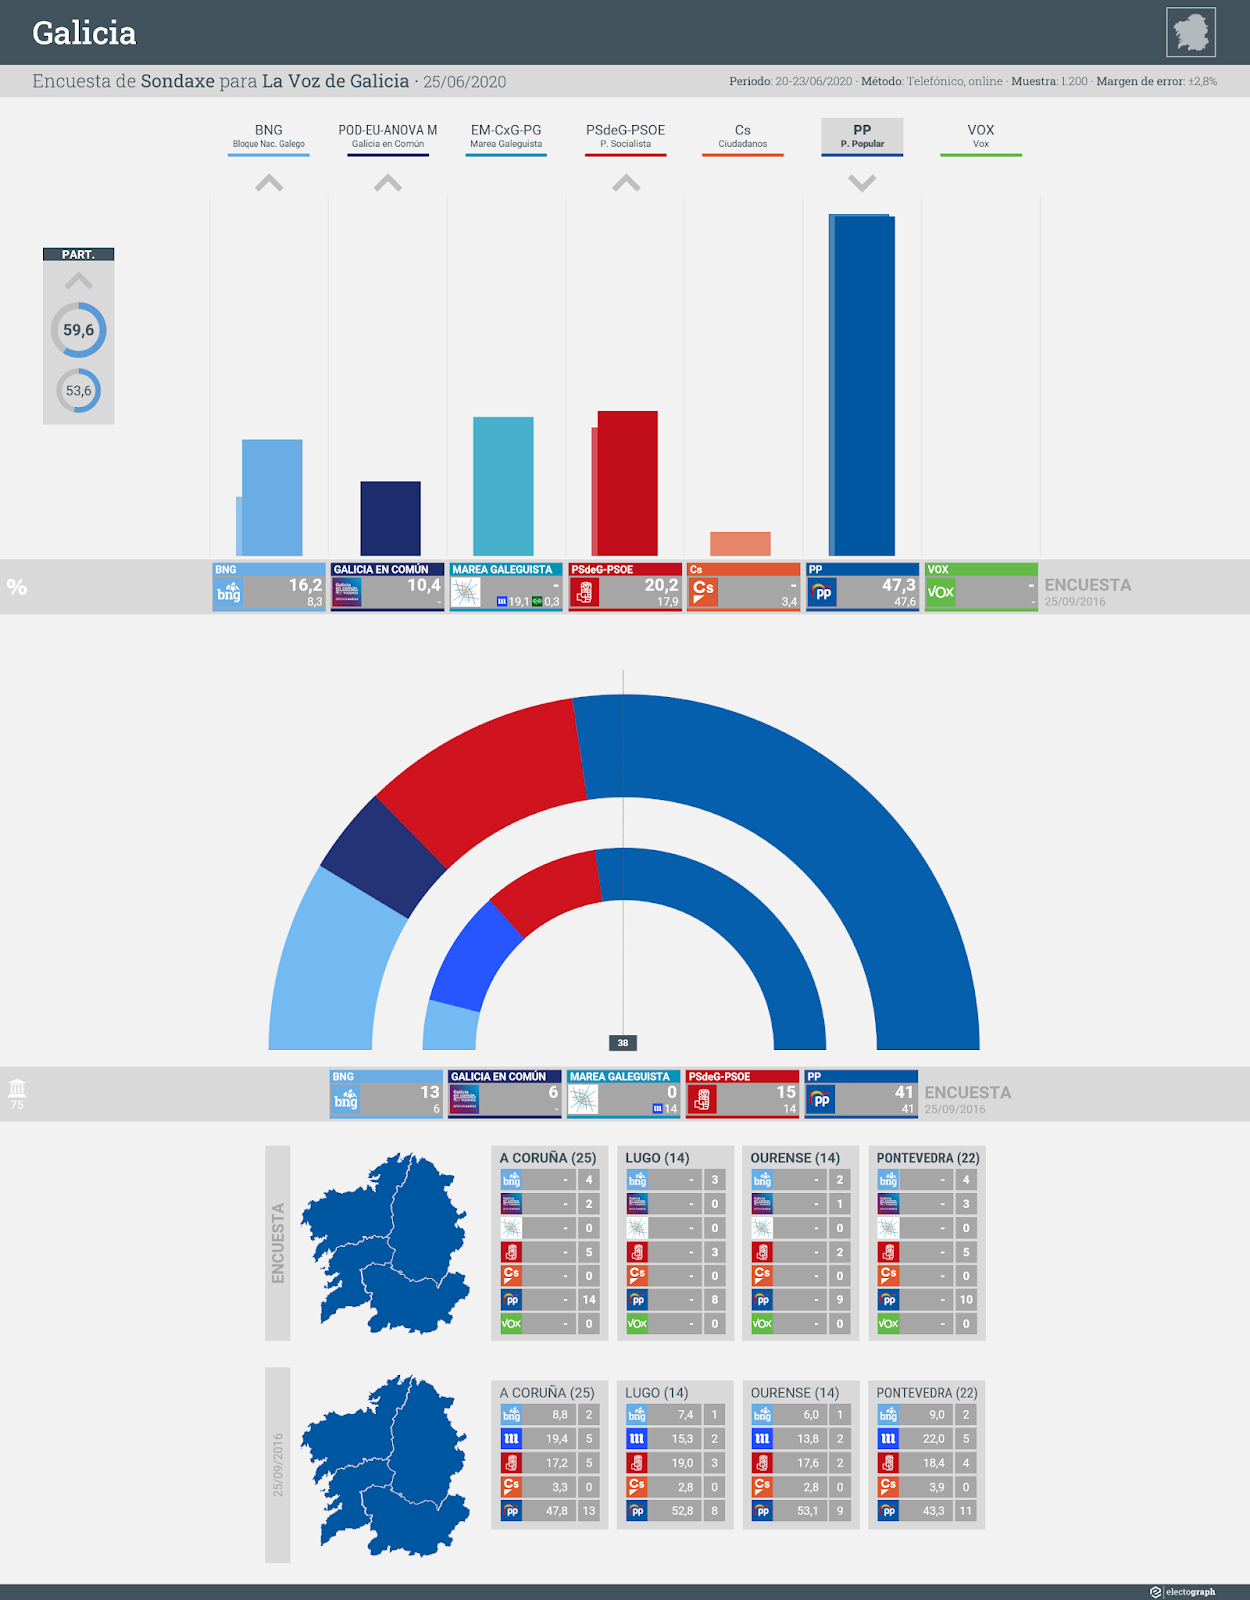 Gráfico de la encuesta para elecciones autonómicas en Galicia realizada por Sondaxe para La Voz de Galicia, 25 de junio de 2020